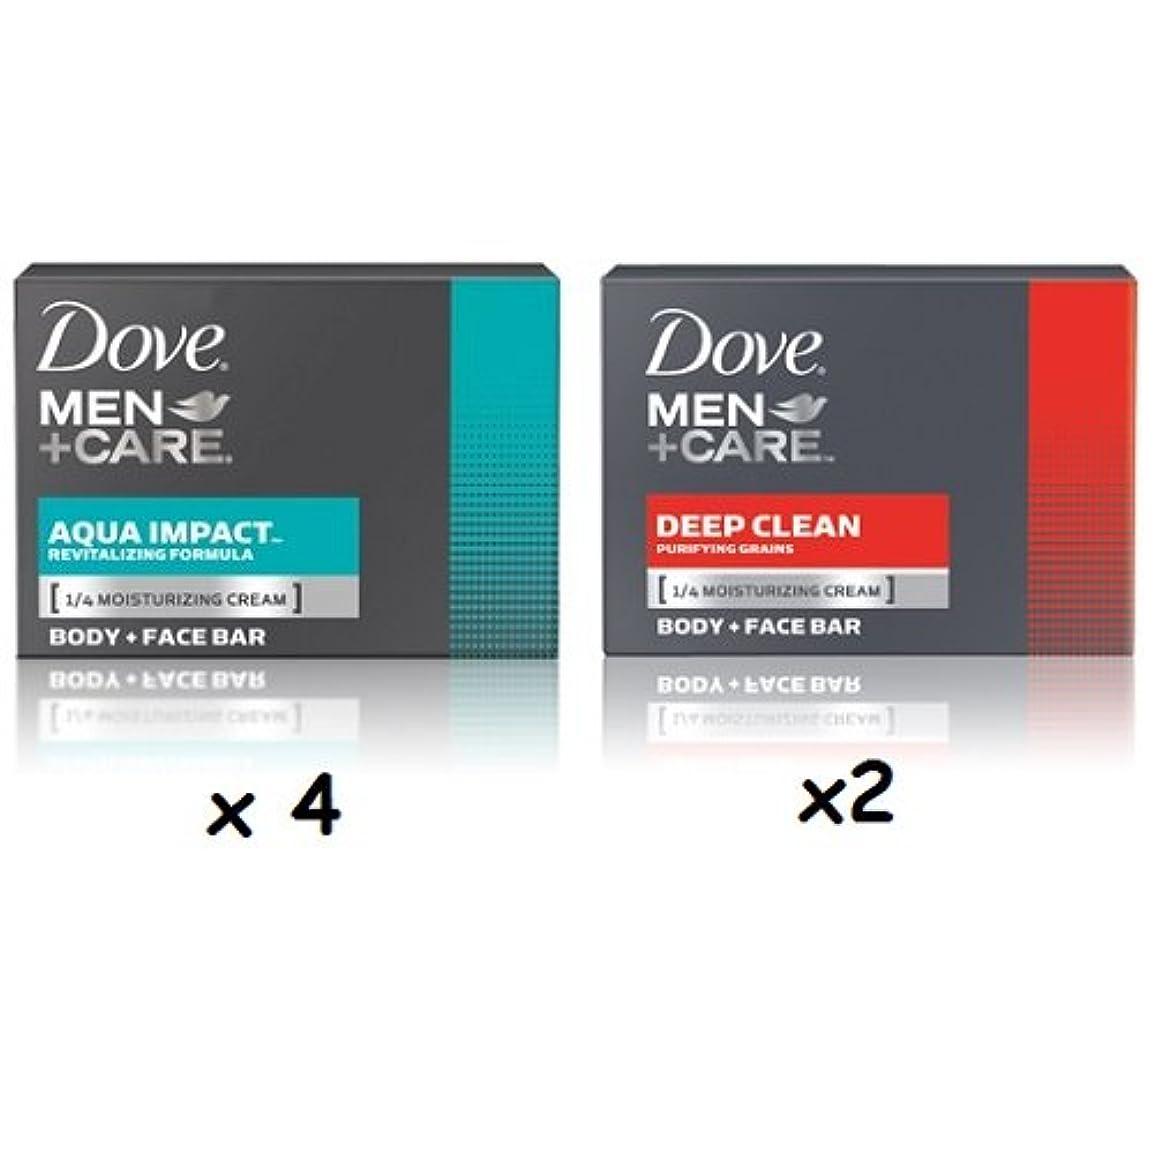 トランクライブラリ耳について【6個セット】Dove MEN+CARE Body&Face Bar Soap (4ozx6) ダヴ メンズプラスケア 体&顔用の固形石鹸(113gx6)(Deep Clean 4個とAqua Impact2個 合計6個セット)